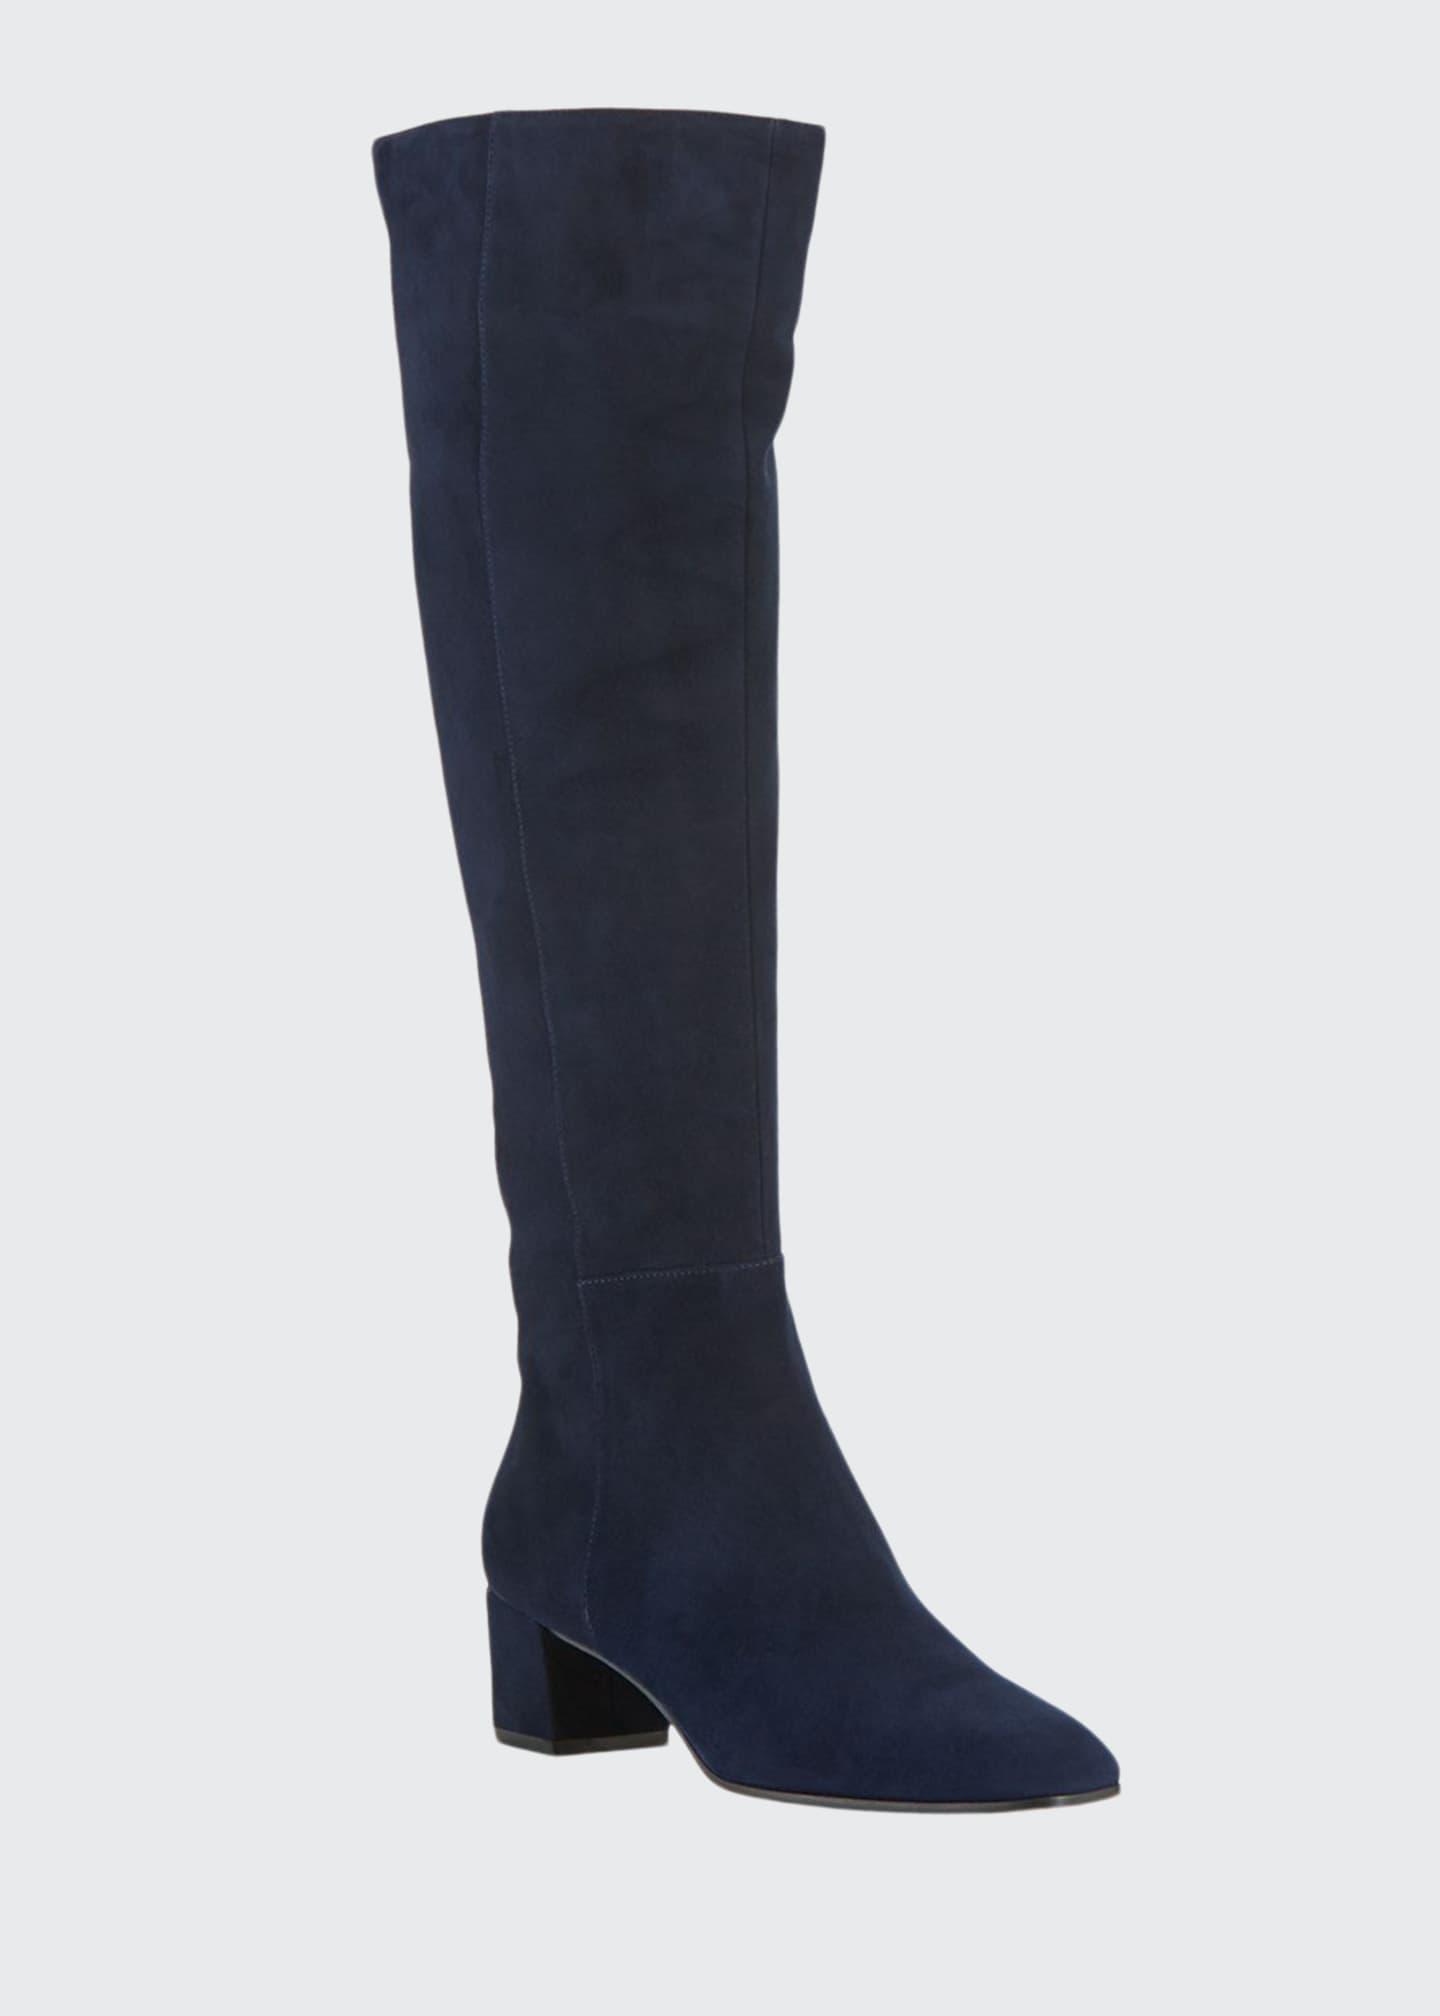 Gianvito Rossi Low-Heel Suede Knee Boots